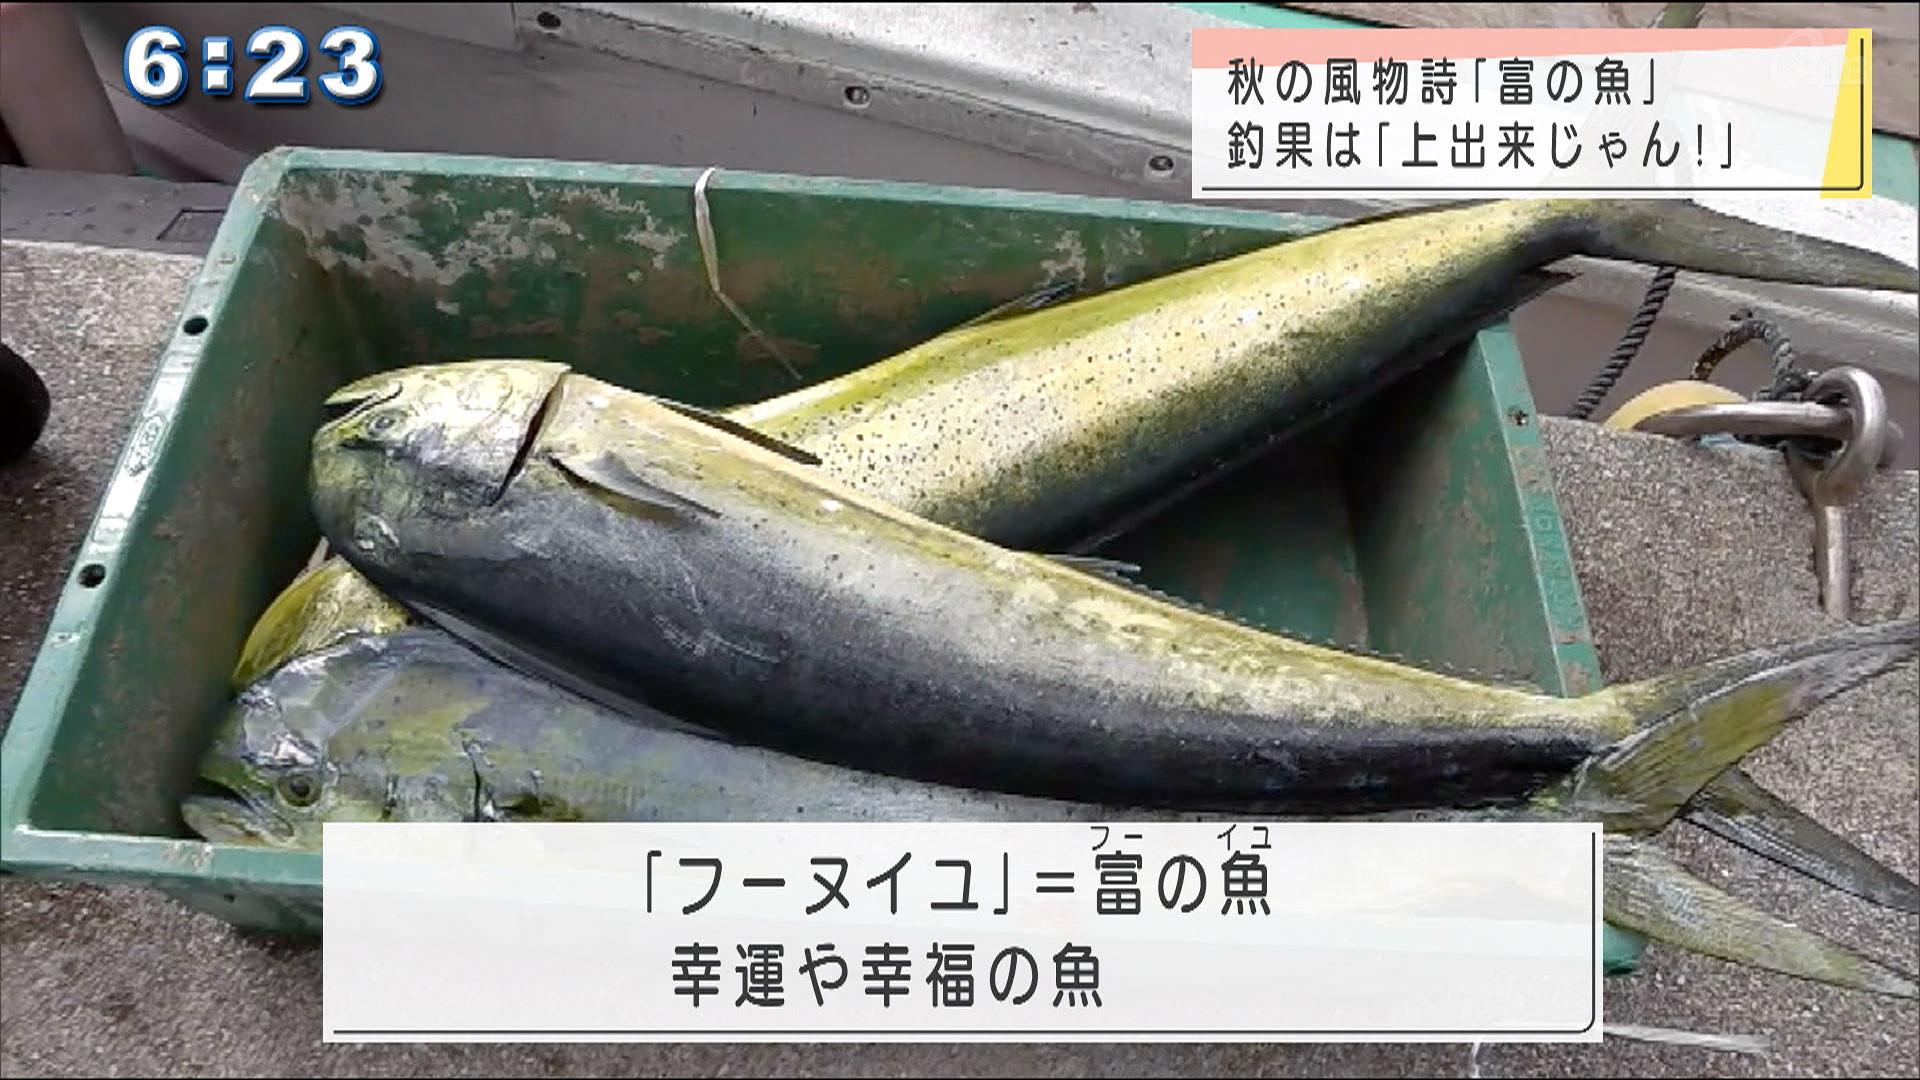 フーヌイユの漁始まる